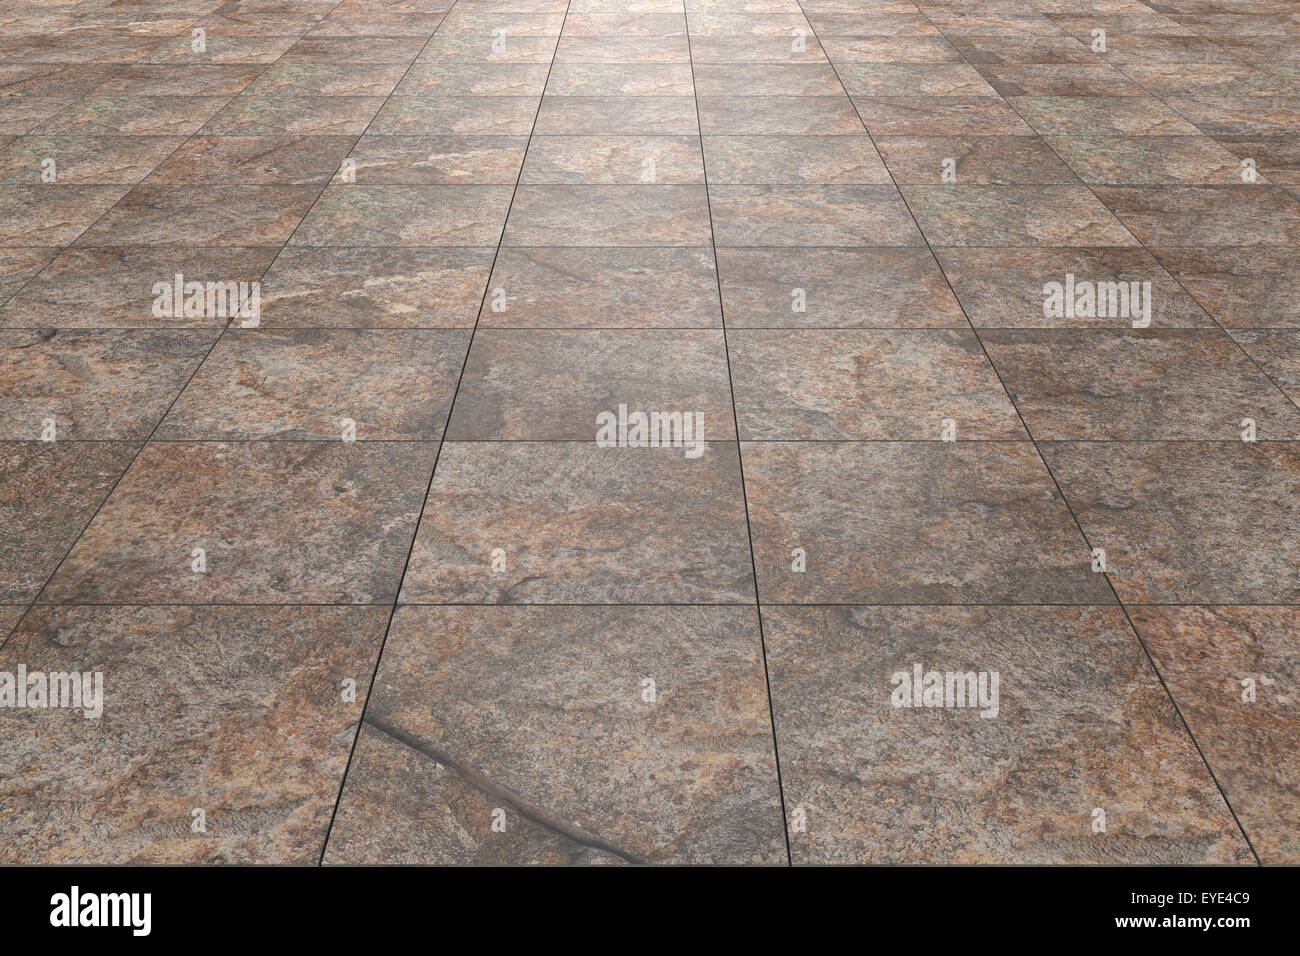 Representación 3D de un piso de baldosas rústicas Imagen De Stock